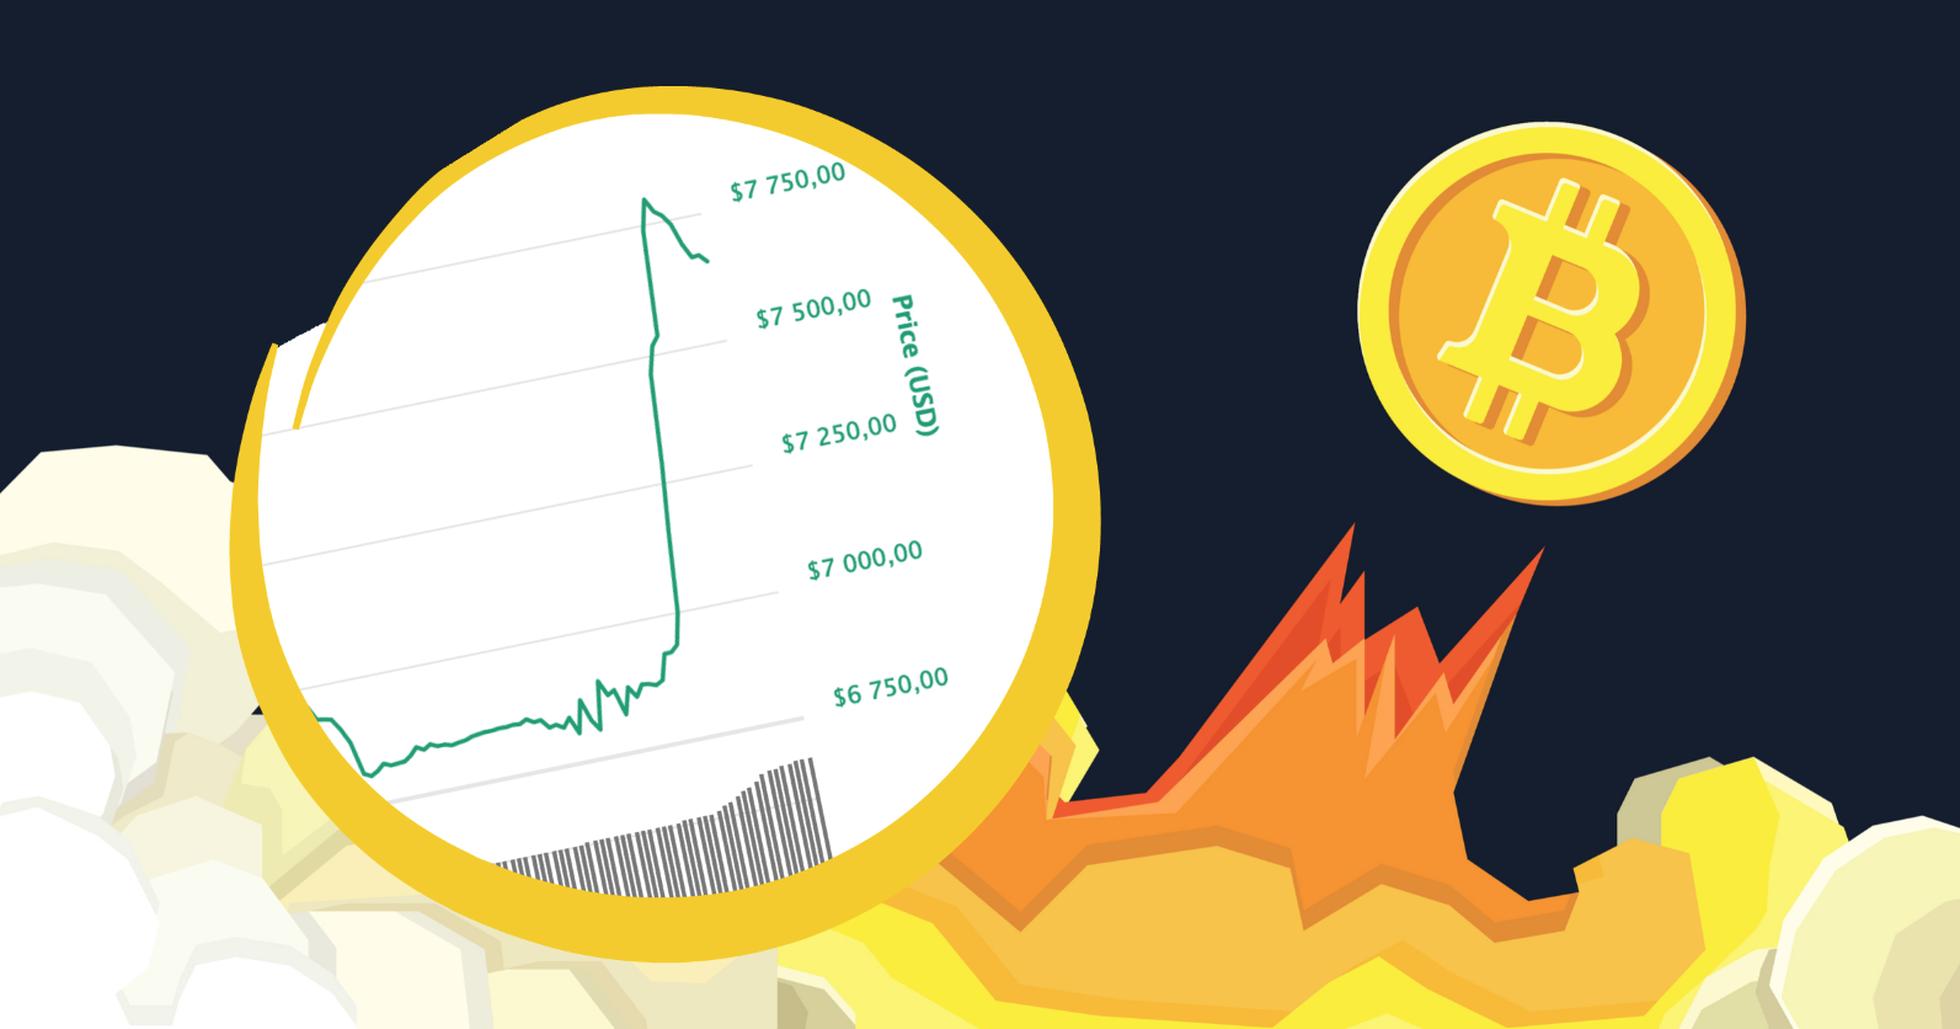 Bitcoinkursen steg snabbt under torsdagen.